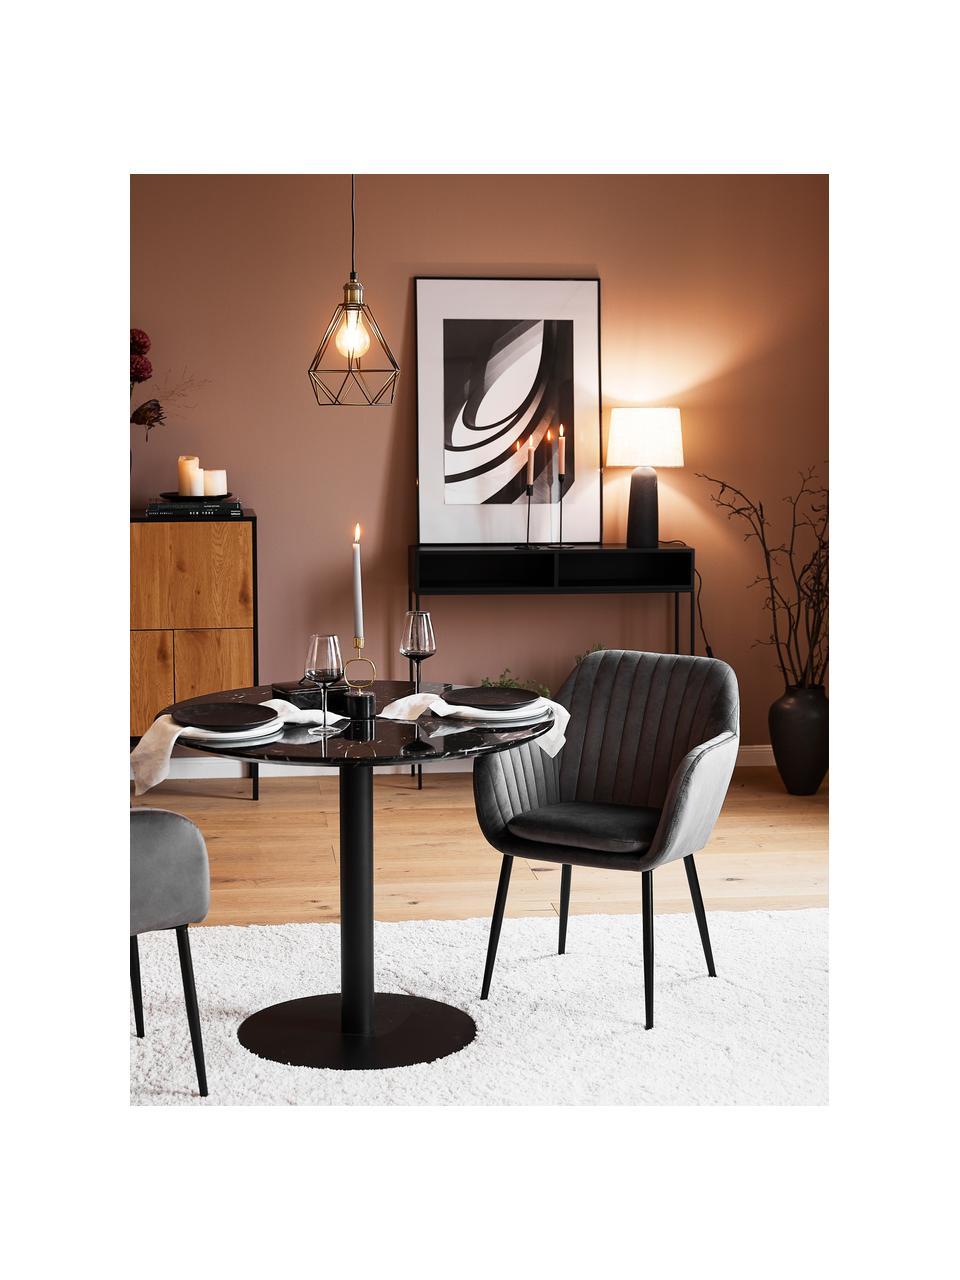 Fluwelen armstoel Emilia met metalen poten, Bekleding: polyester fluweel, Poten: gelakt metaal, Donkergrijs, zwart, B 57 x D 59 cm